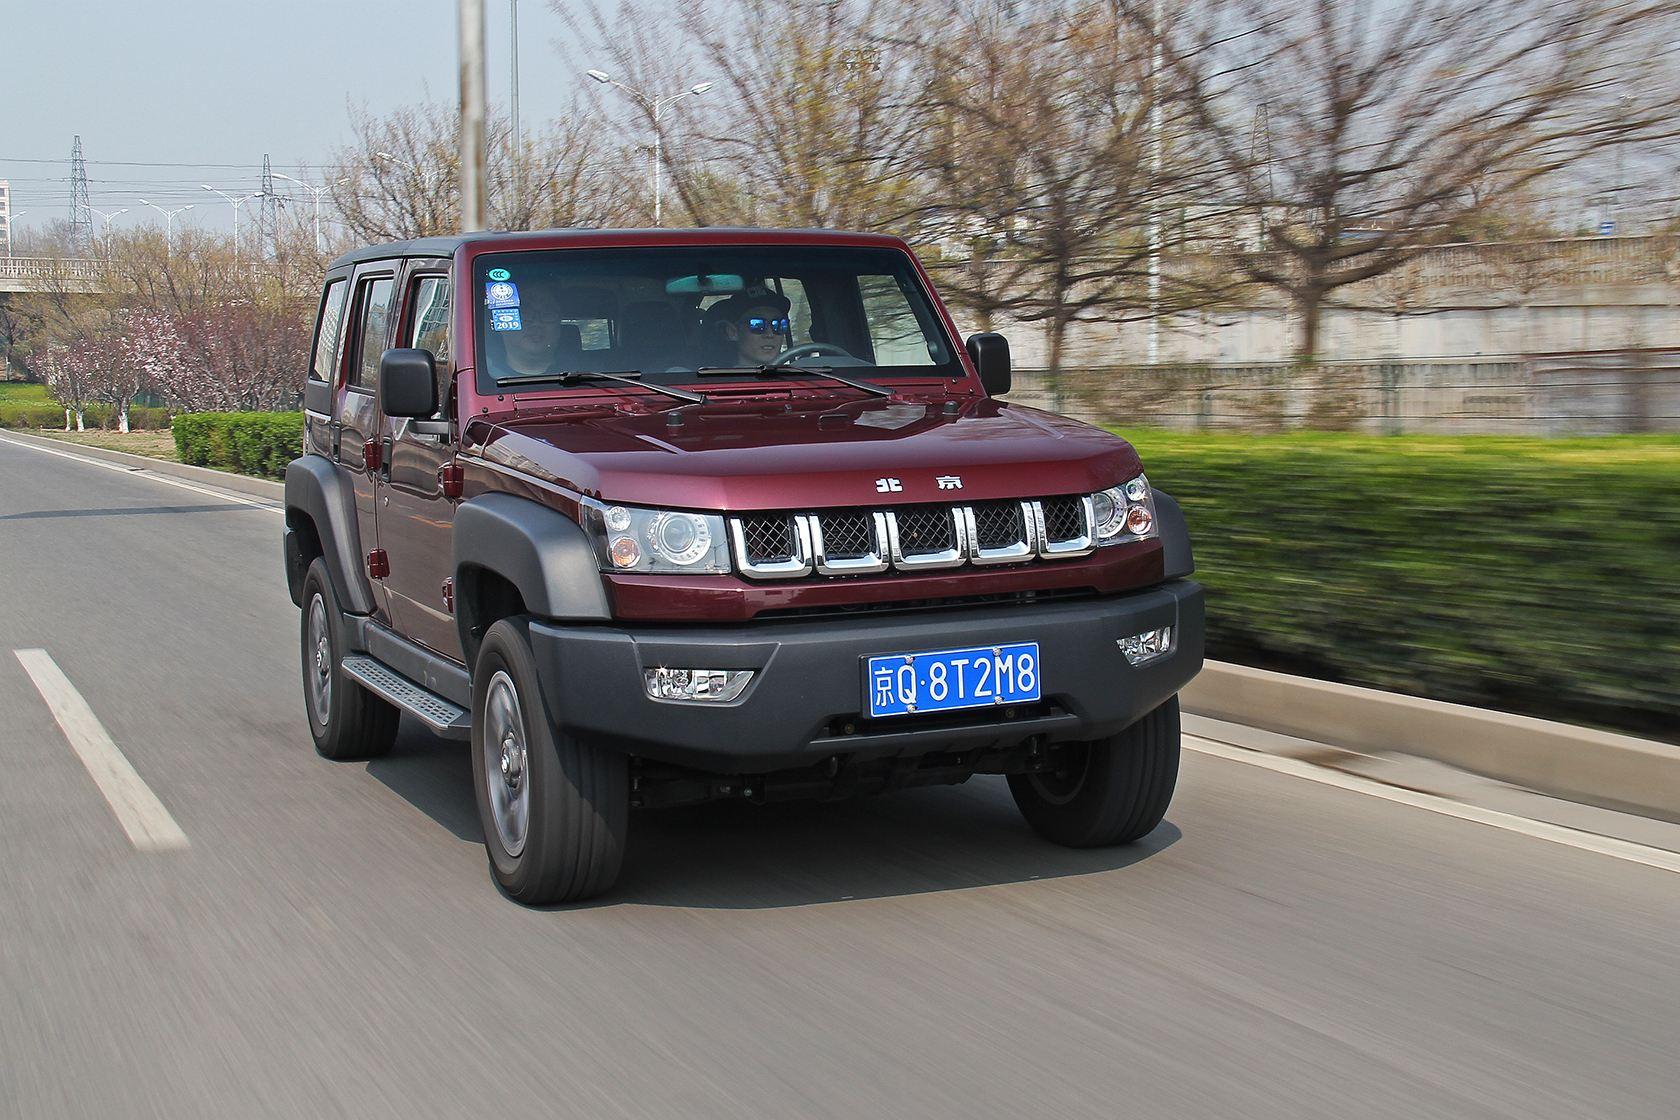 测北京汽车40L 底子过硬改装潜力大/顶配才17万